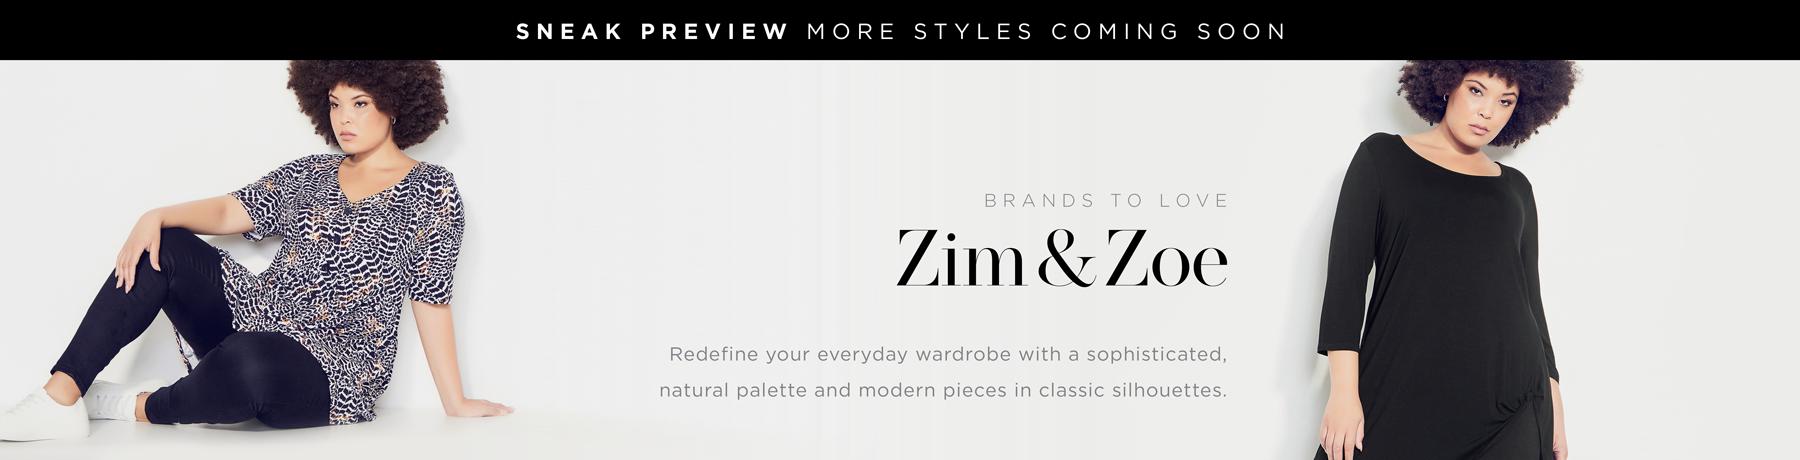 Zim & Zoe - Brands to Love